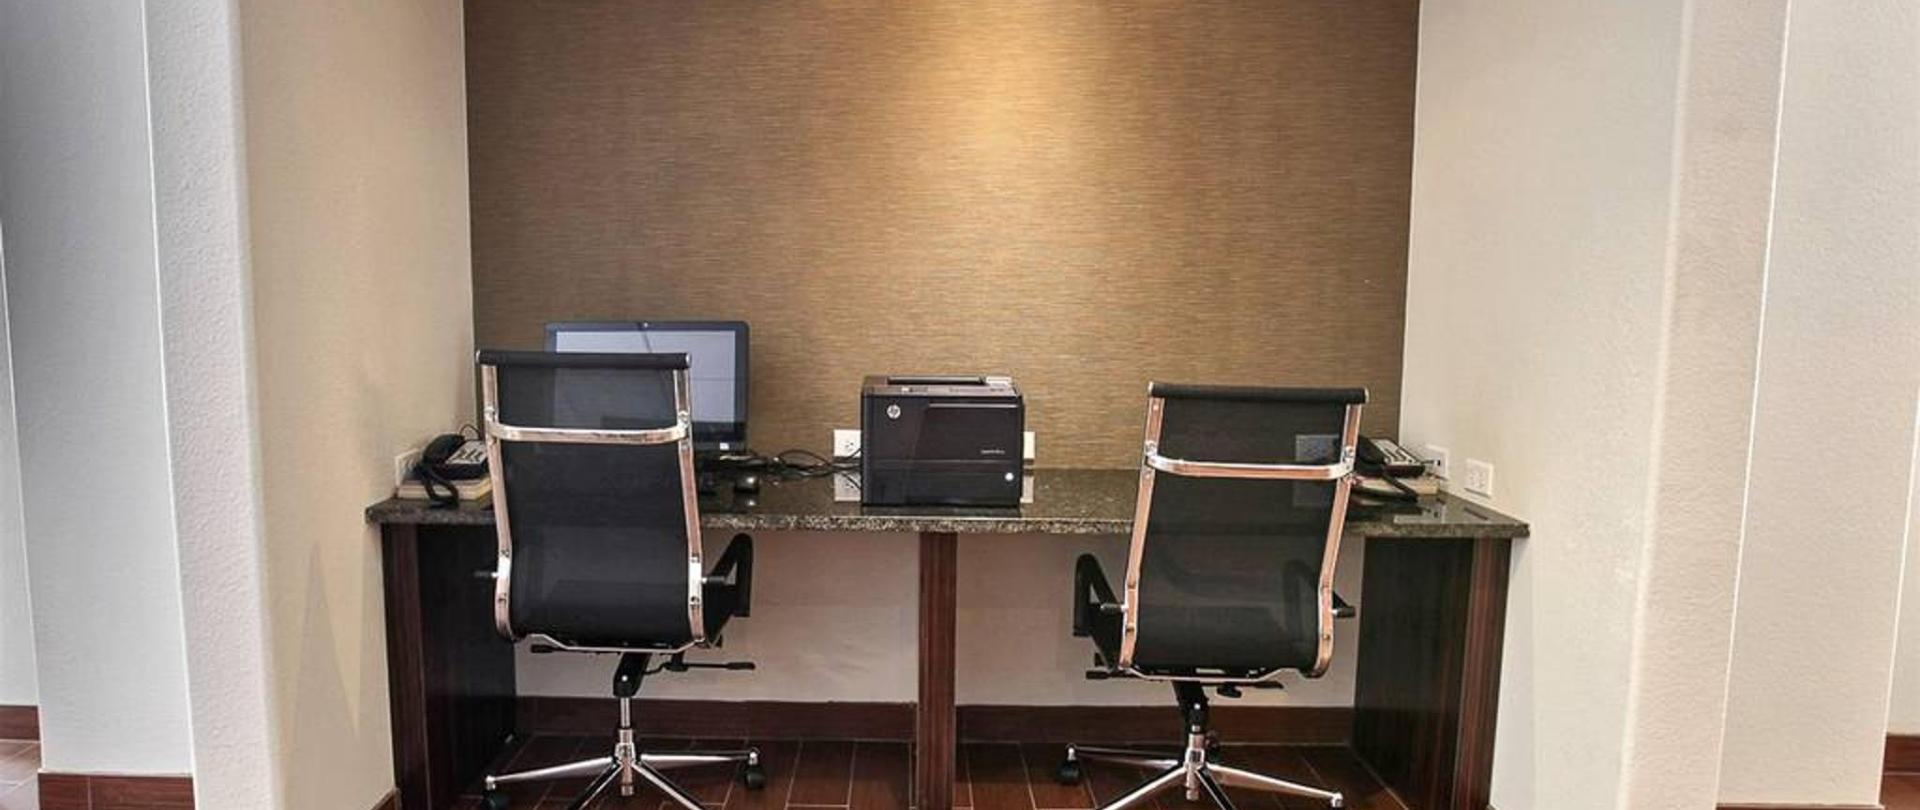 ok223-business12101.JPG.1024x0.JPG